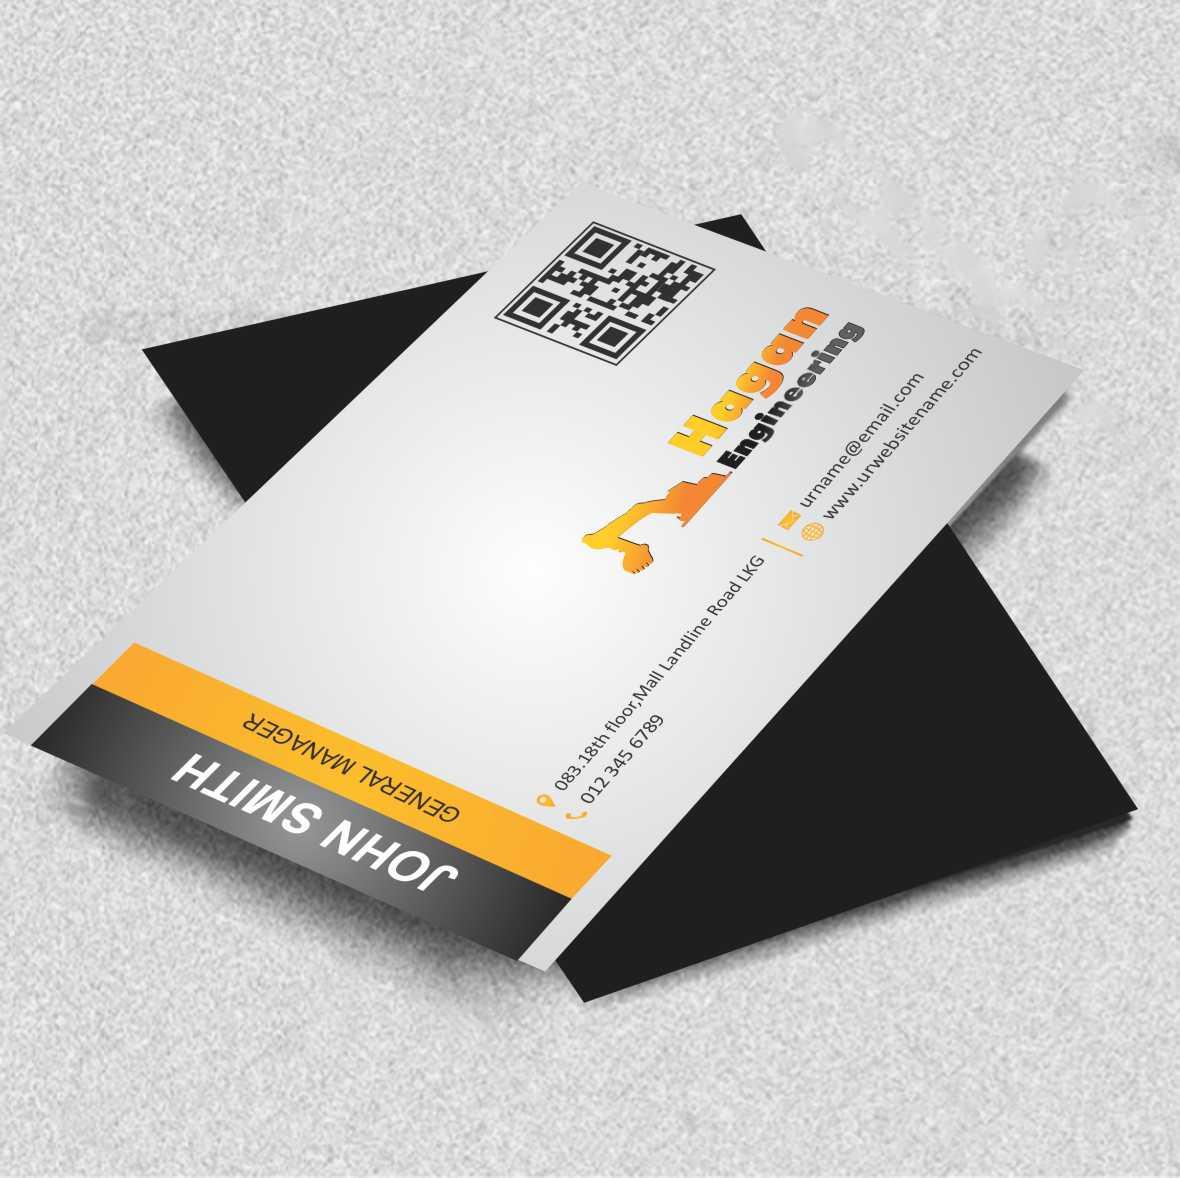 HD wallpapers 3d logo design inspiration